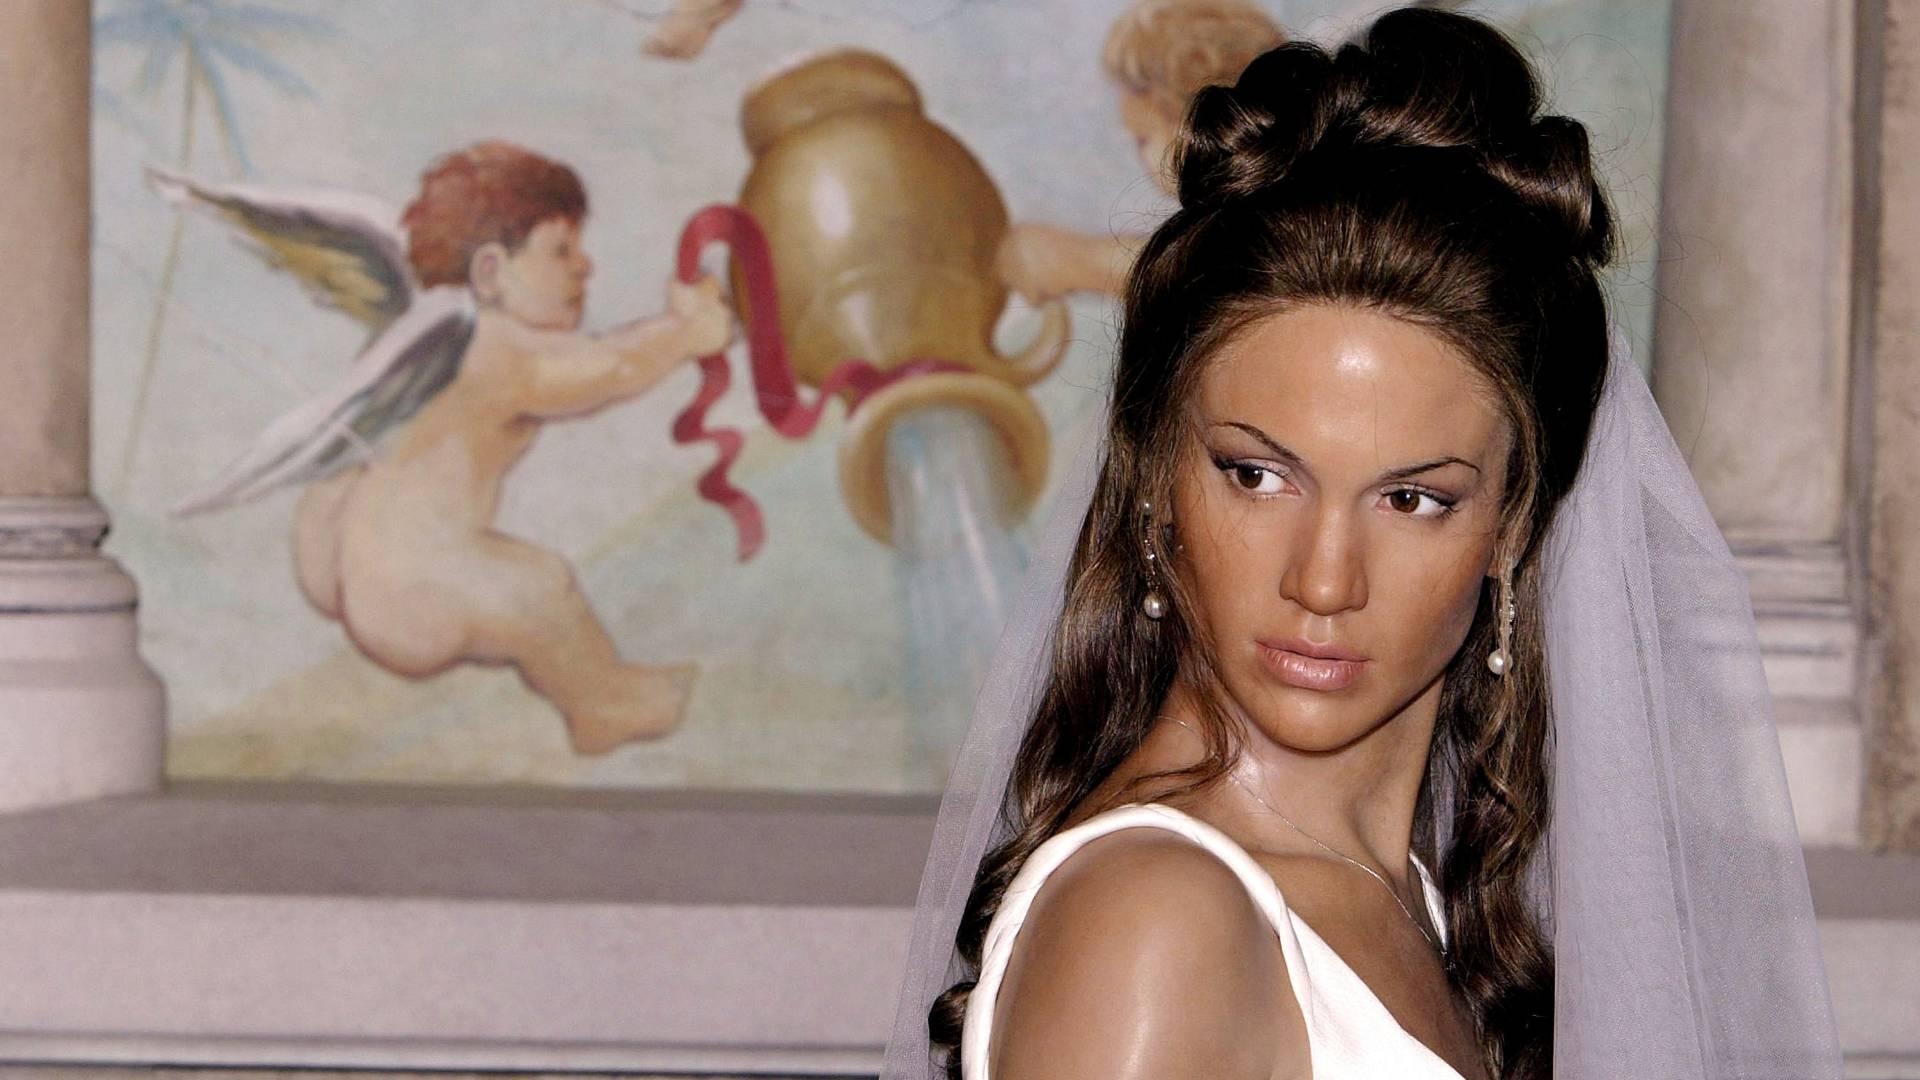 Figura de cera da cantora e atriz Jennifer Lopez, vestida de noiva, no museu Madame Tussauds de Nova York (11/6/2004)